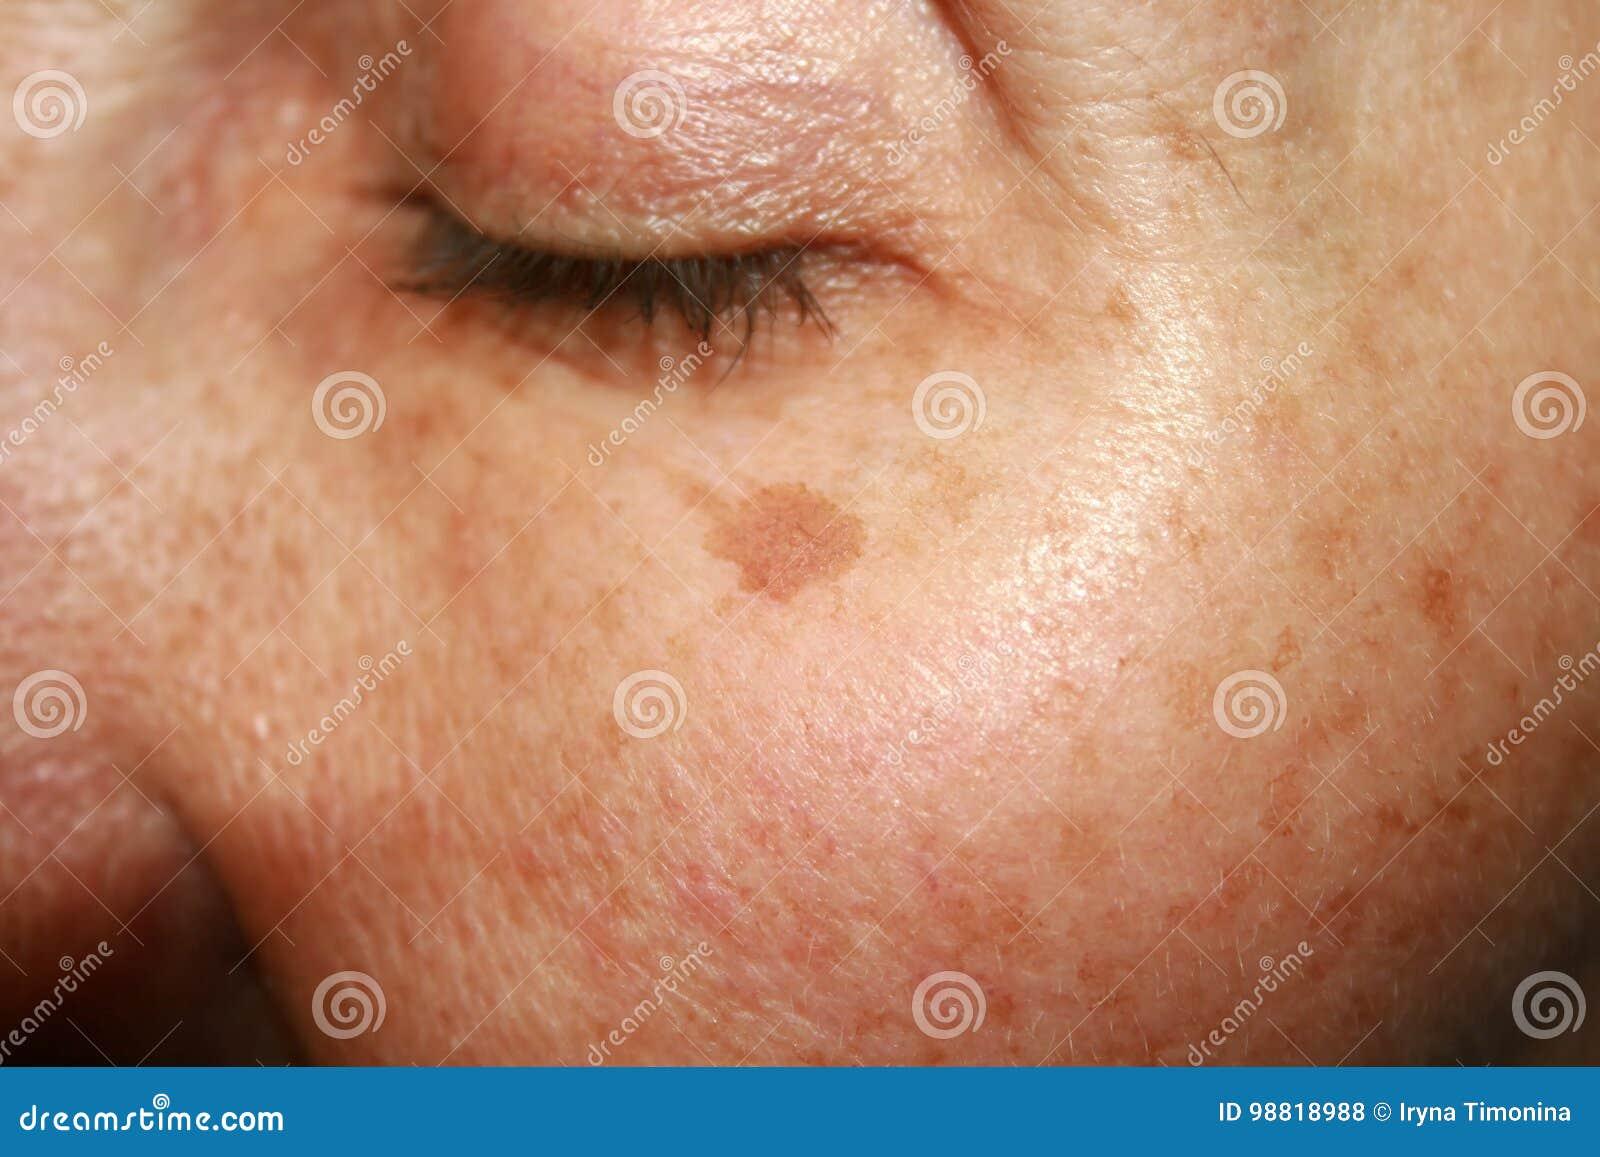 pigmentation de la peau du visage